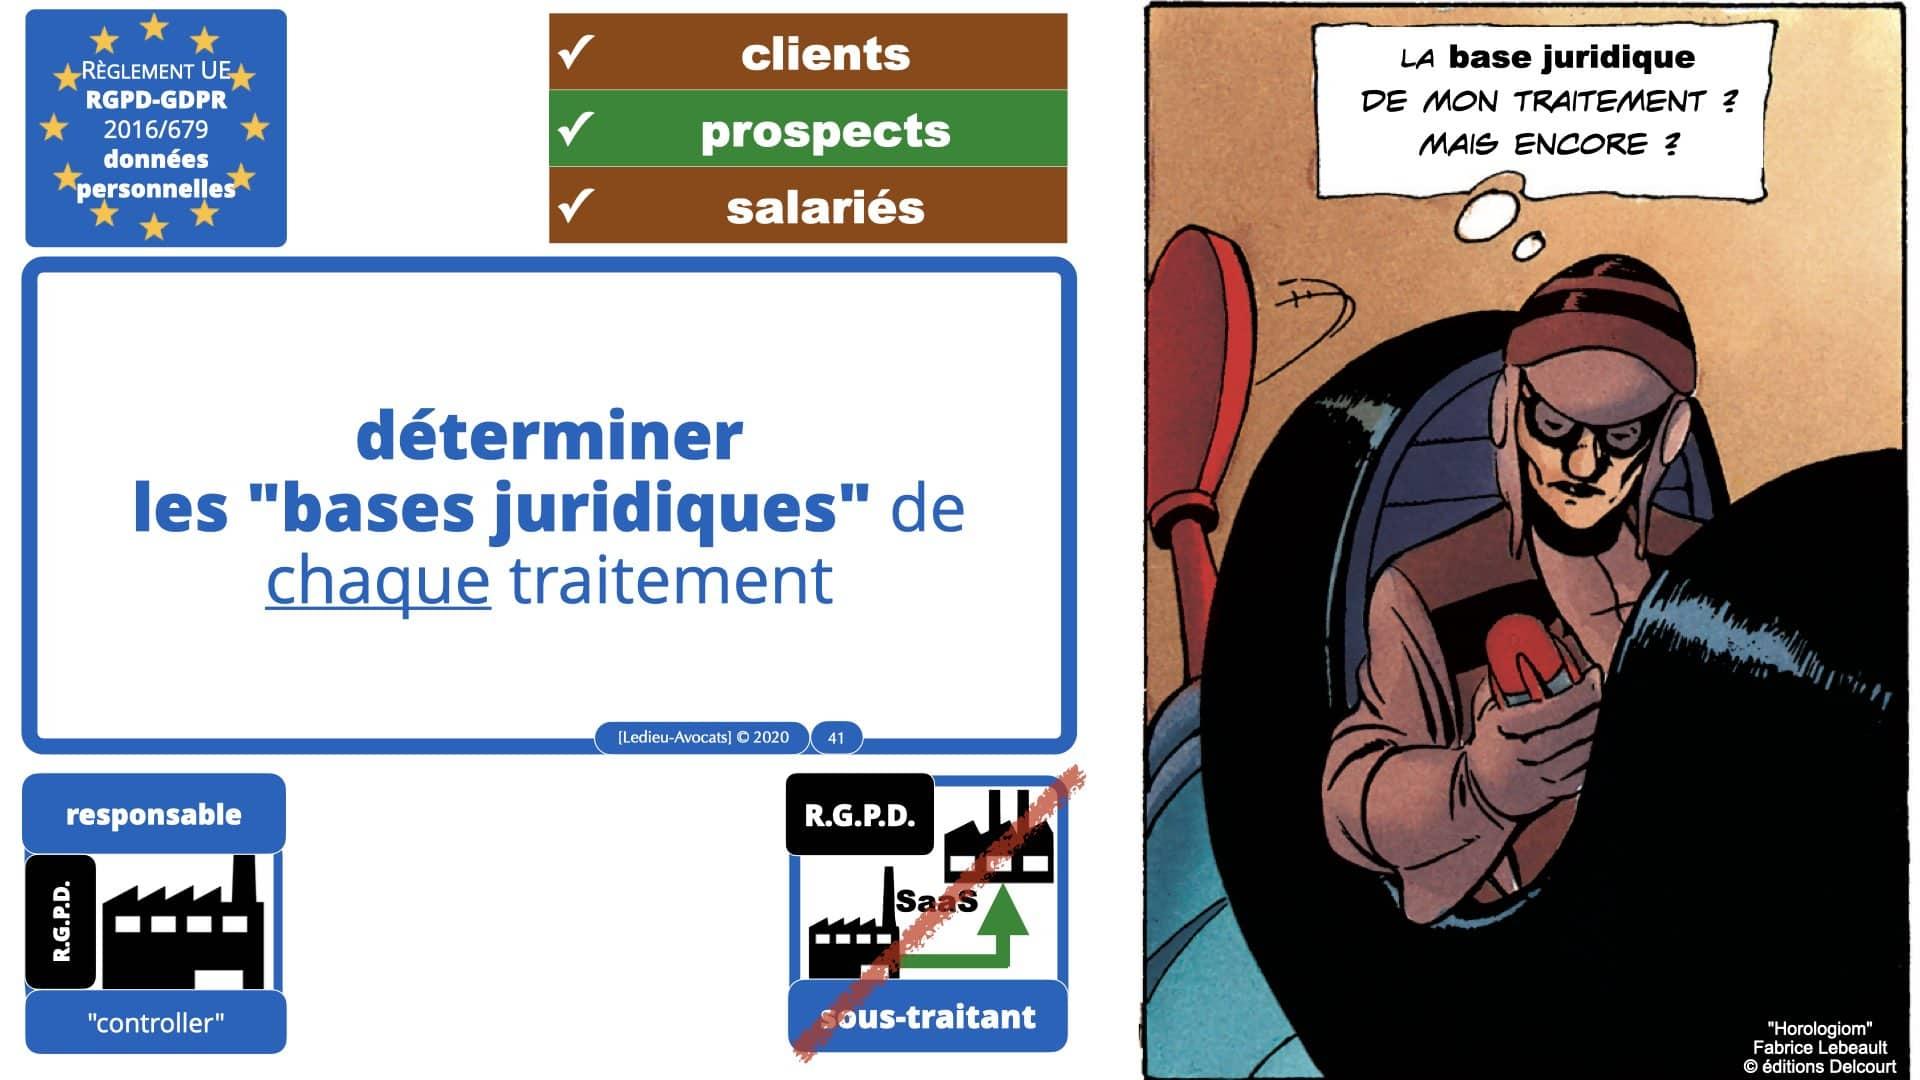 RGPD délibération CNIL Spartoo du 28 juillet 2020 n°SAN 2020-003 *16:9* ©Ledieu-Avocats 19-09-2020.041